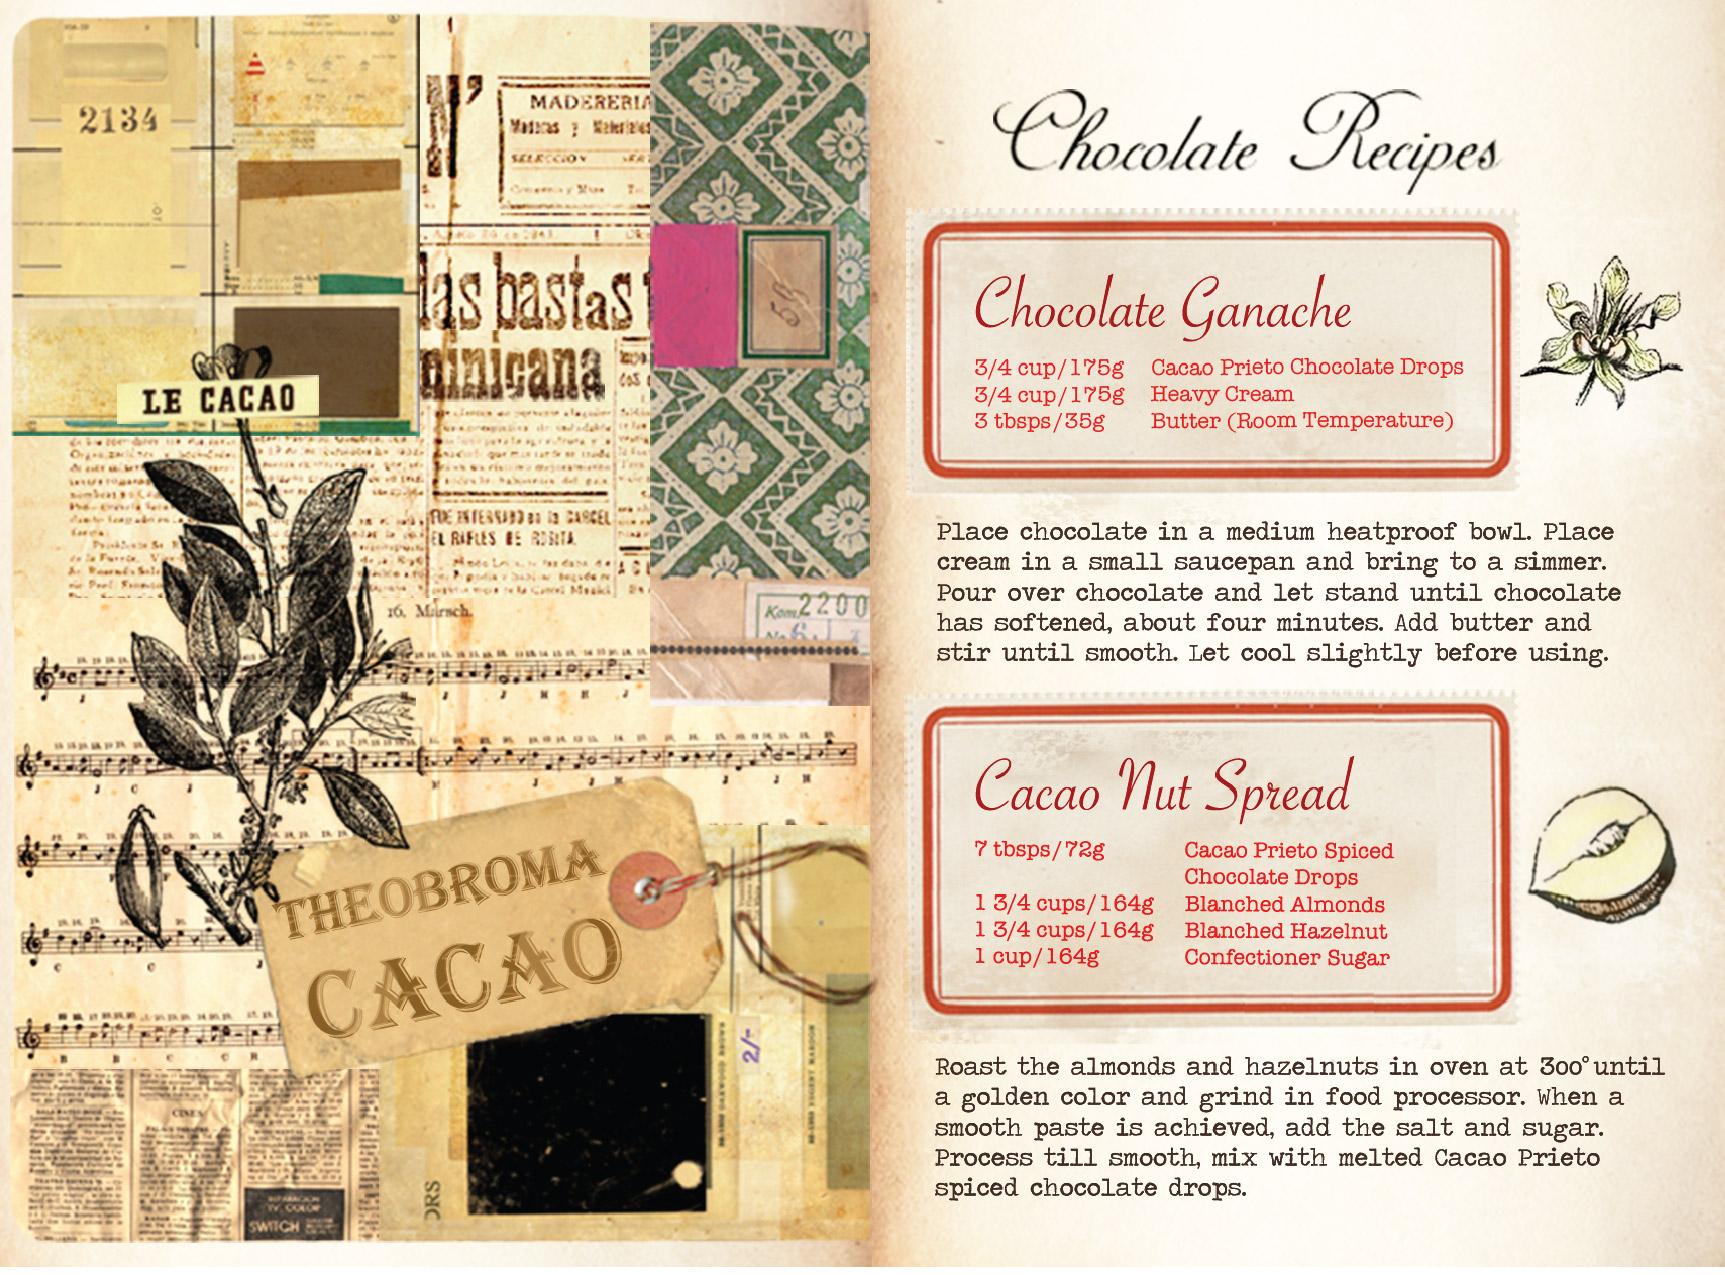 CacaoPrieto_Booklet_CS5-09.jpg